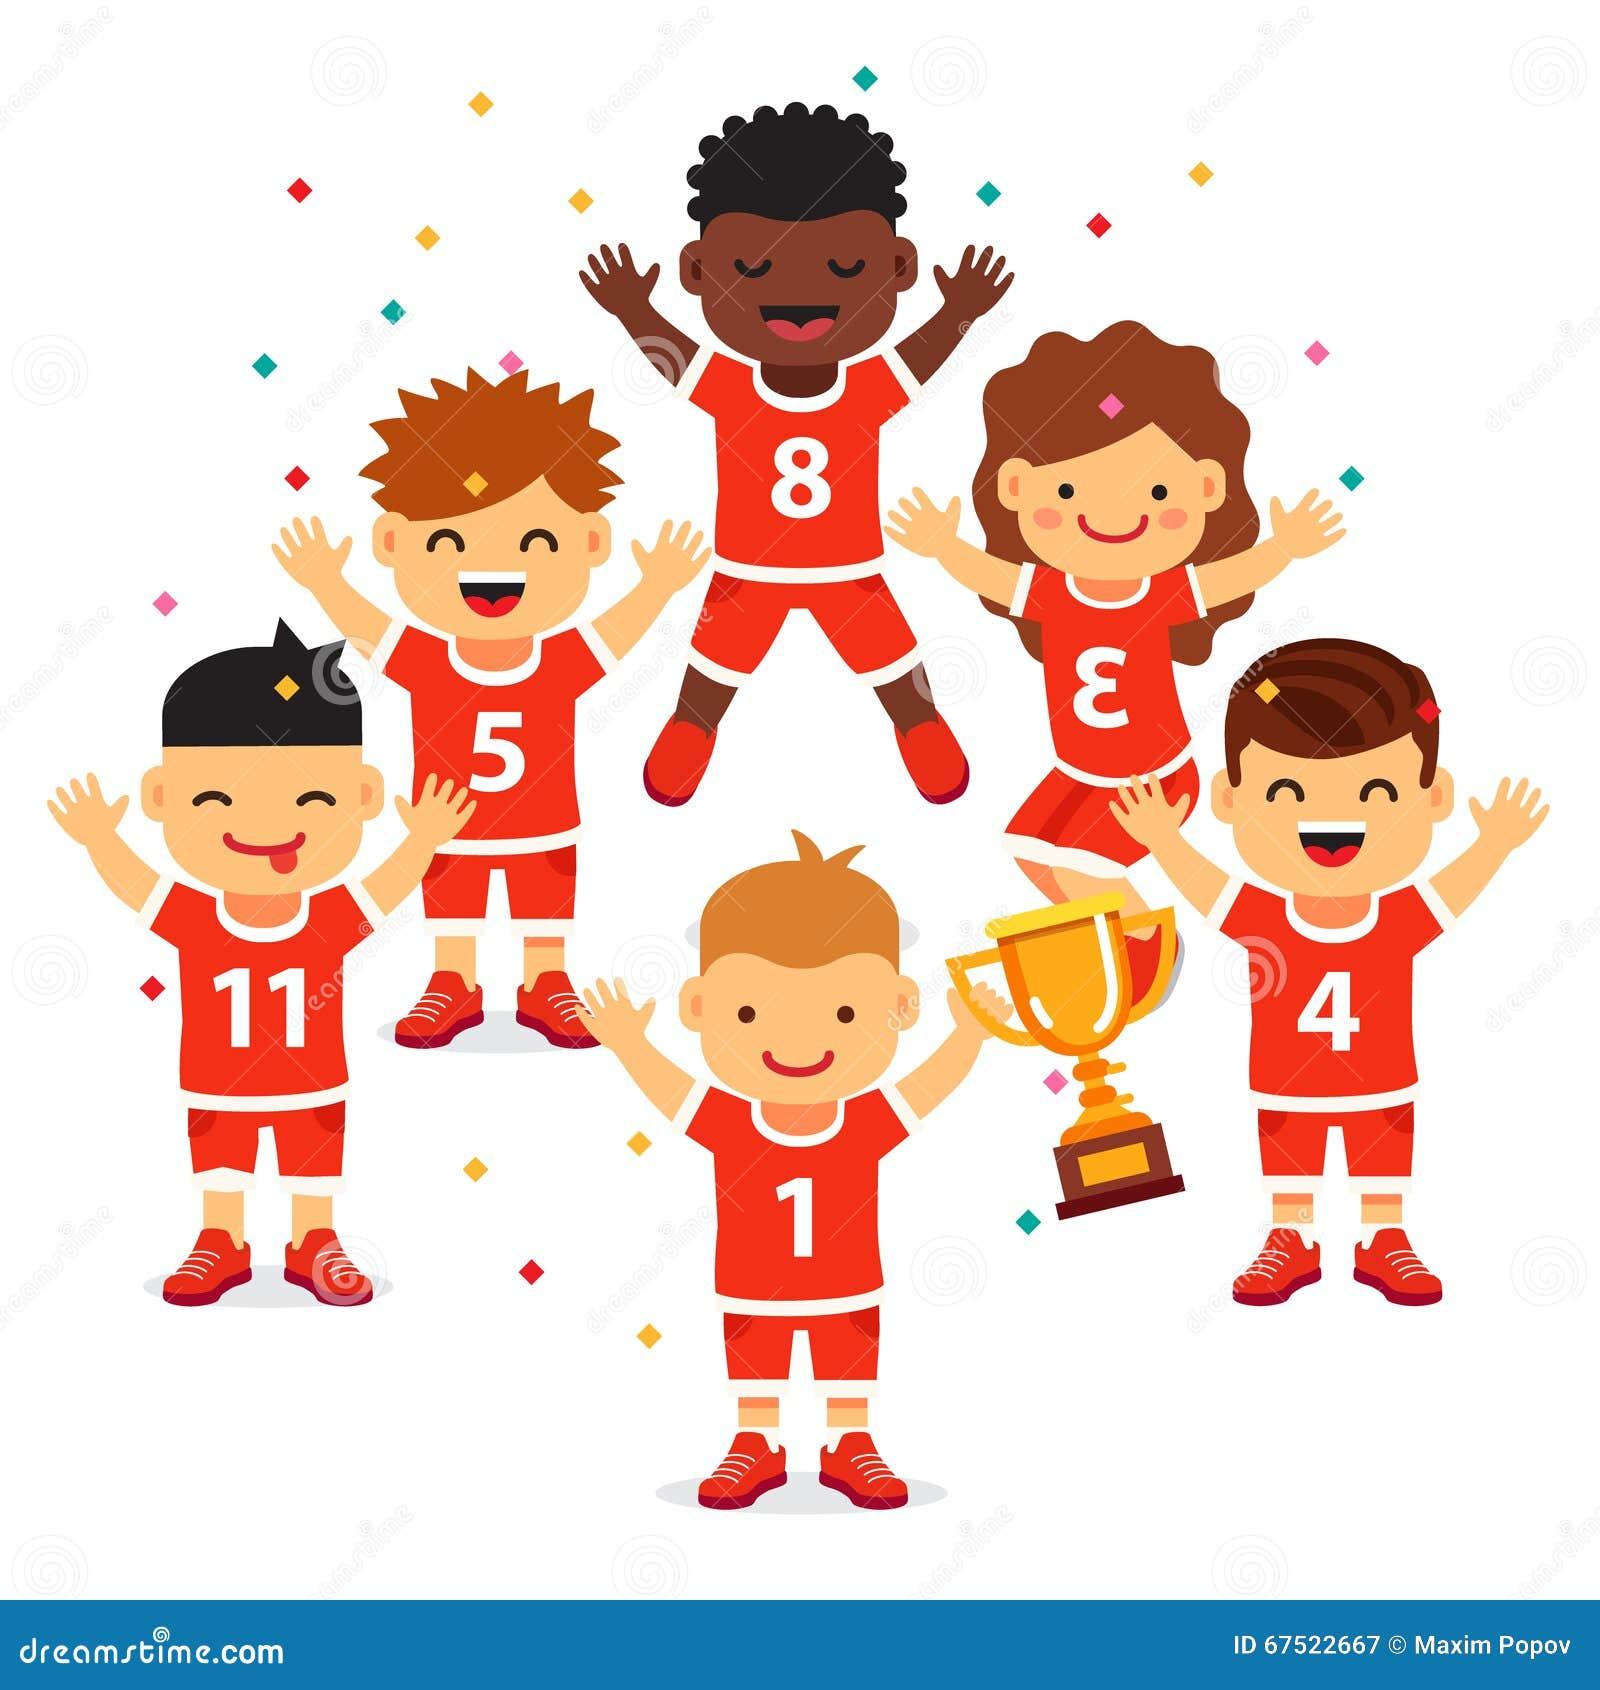 children sports team wins a golden cup cartoon vector basketball player clipart basketball player clipart images